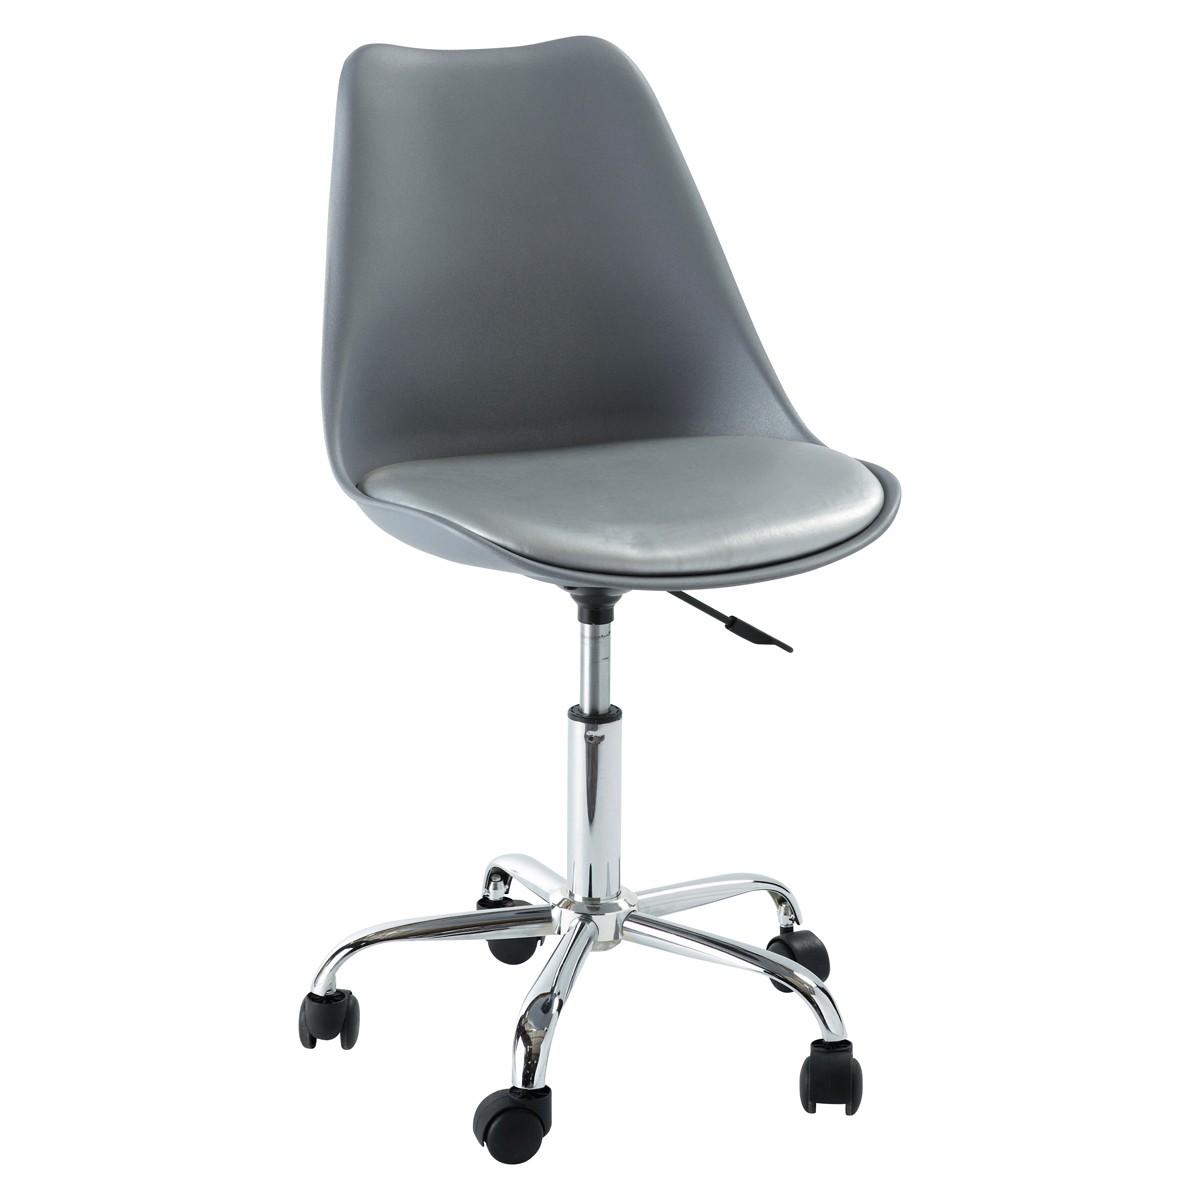 Chaise De Bureau Adolescent